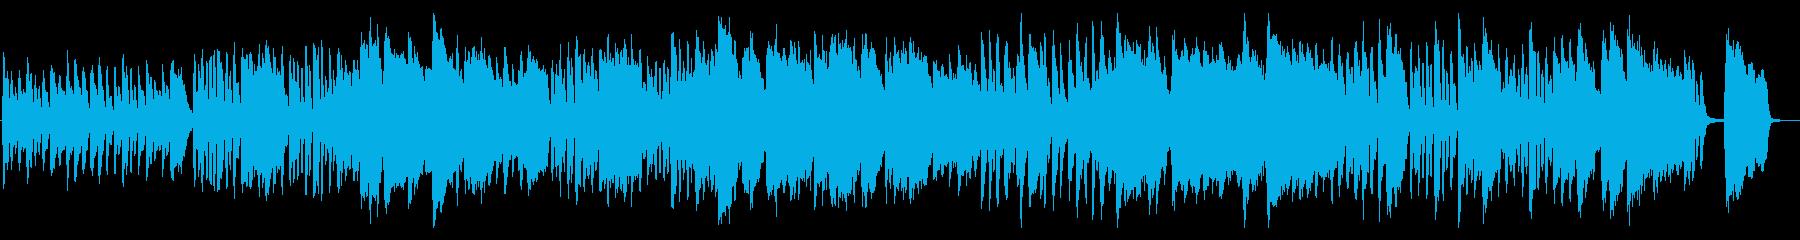 ほのぼのしたフルートと木琴の日常曲の再生済みの波形